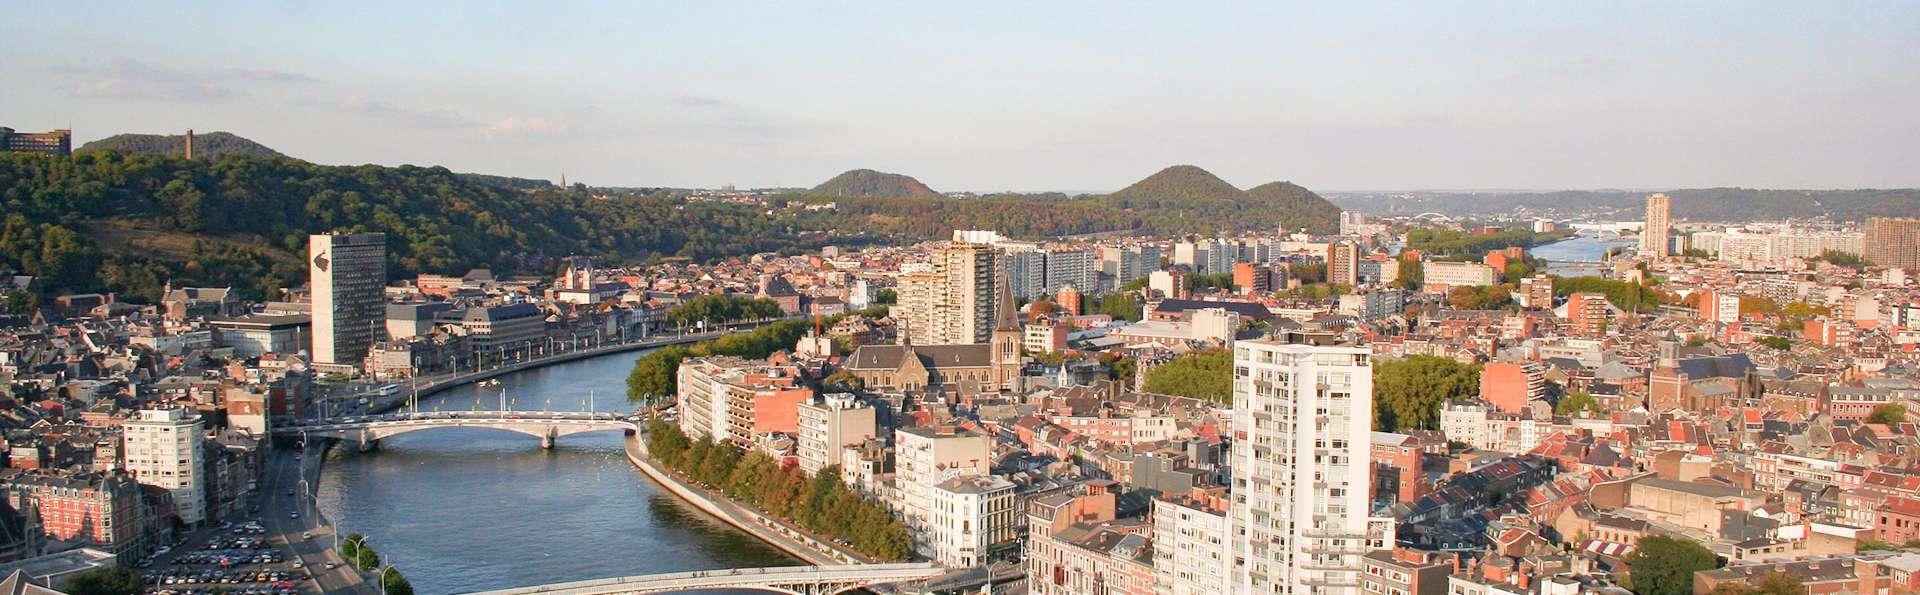 Séjour à Liège dans un hôtel plein de charme